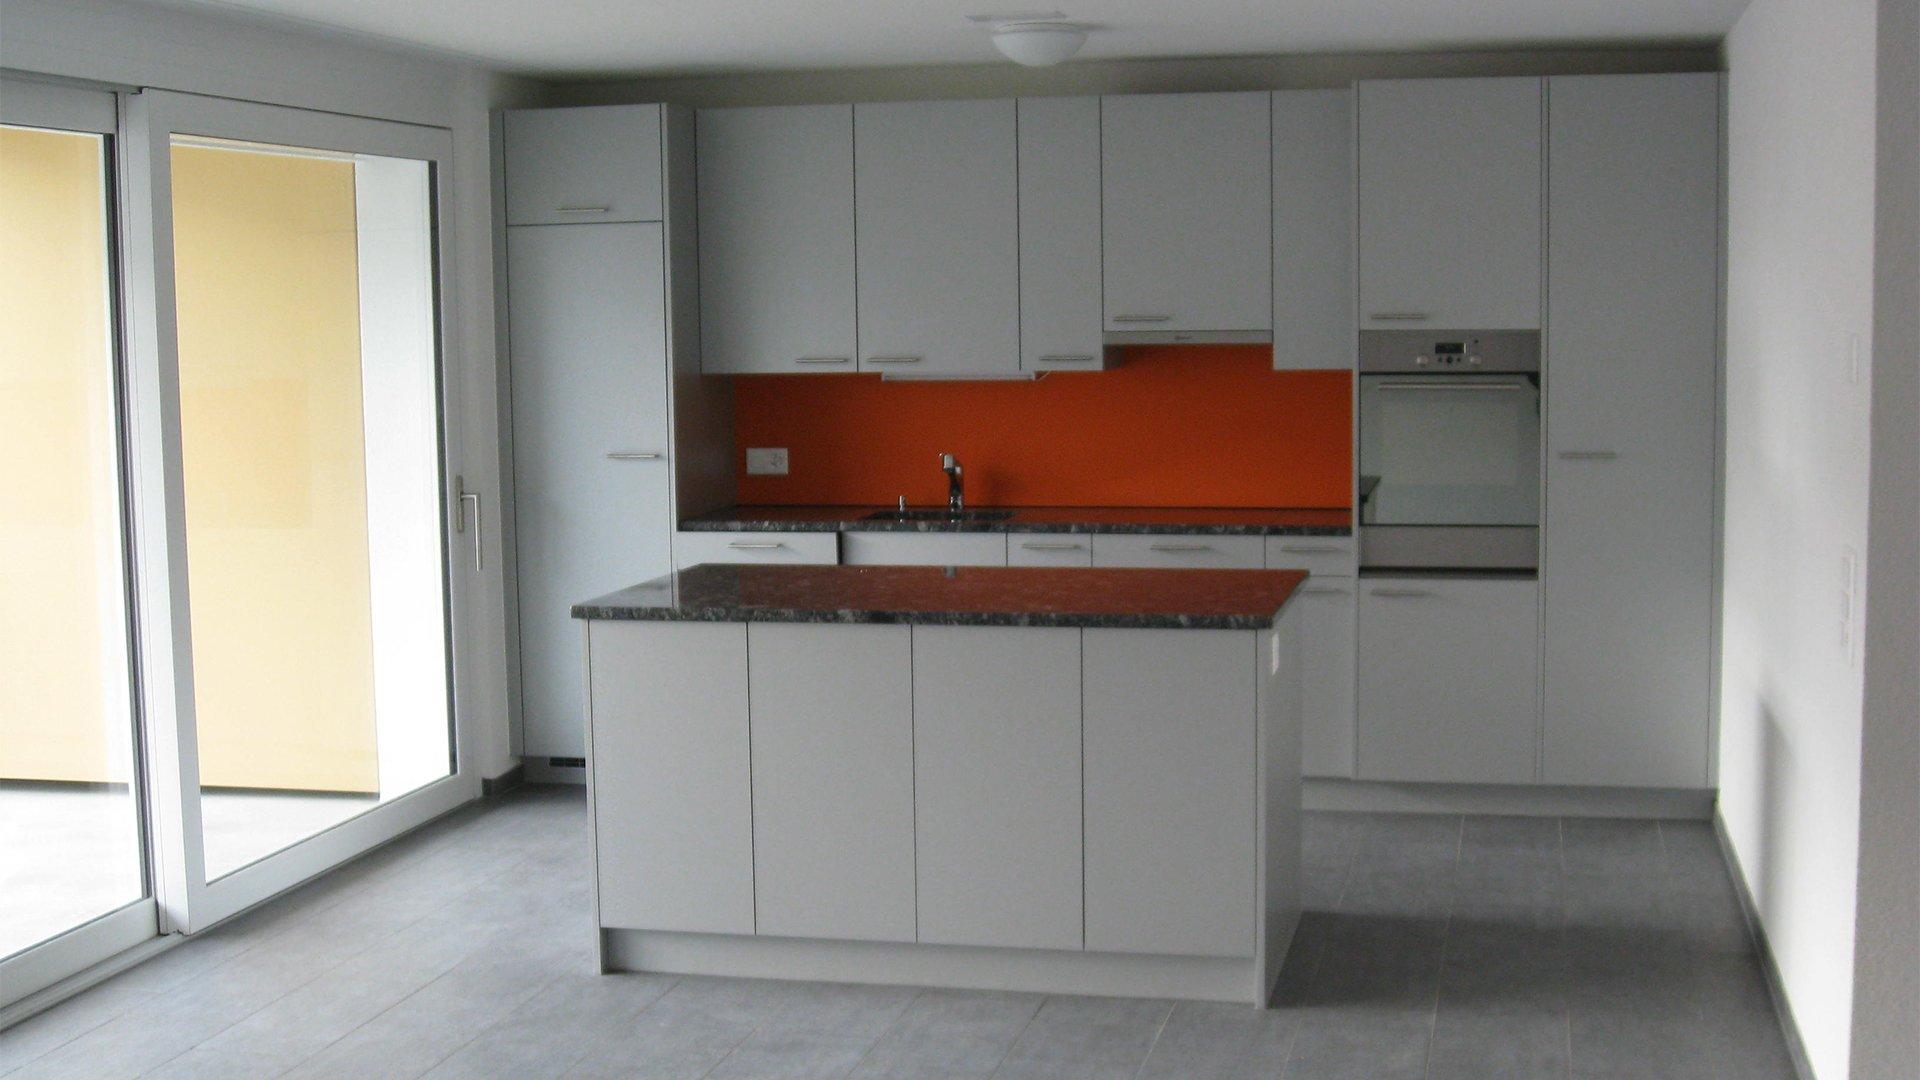 Hellgraue Küche in einem Raum mit großer Fenster front